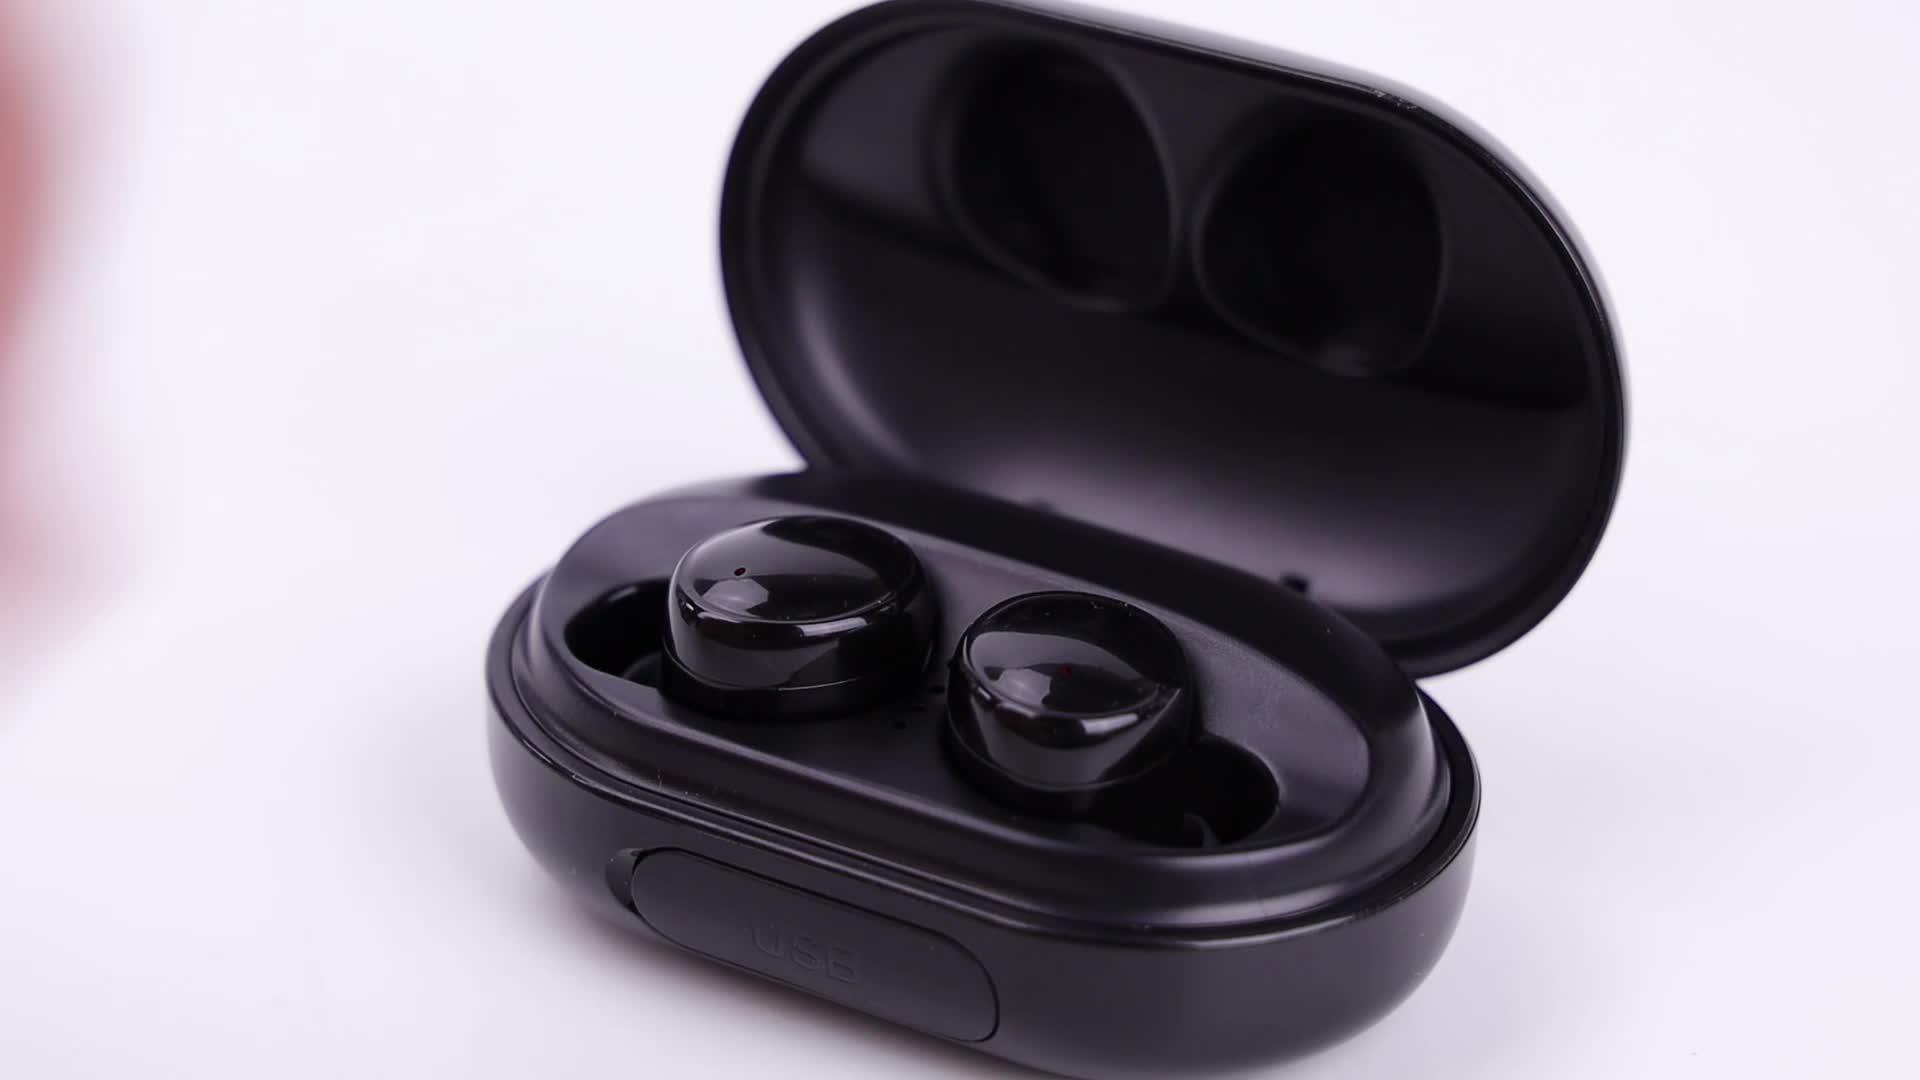 शेन्ज़ेन IPX8 नई वायरलेस handsfree स्टीरियो ब्लूटूथ 3500mAh मामले mic के साथ ईरफ़ोन सिर-फोन हेडबैंड स्पीकर